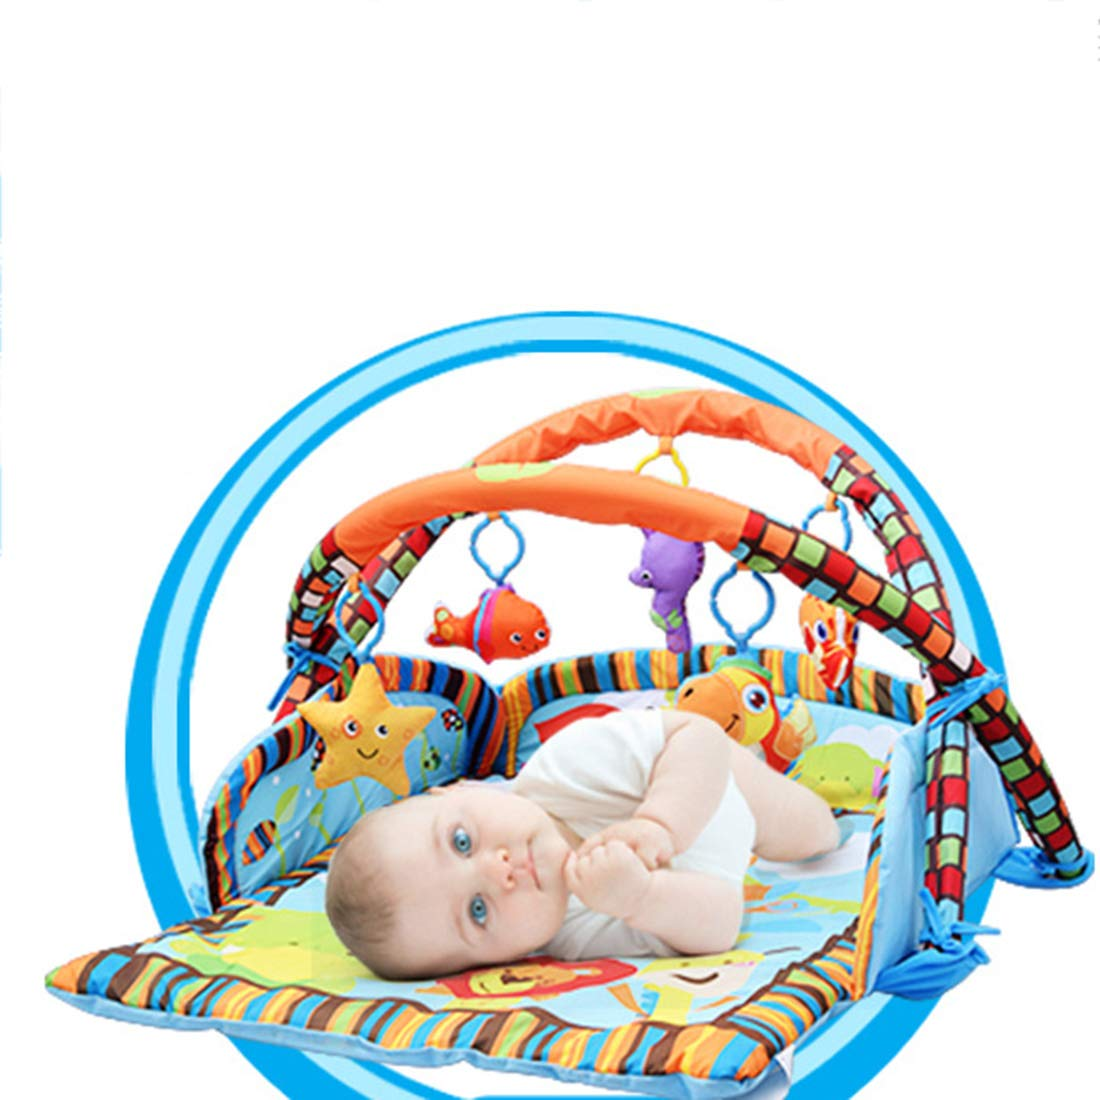 Spieldecke mit Spielbogen Dittzz Baby Krabbeldecke Laufstallfunktion ab Geburt nutzbar,95 x 85cm